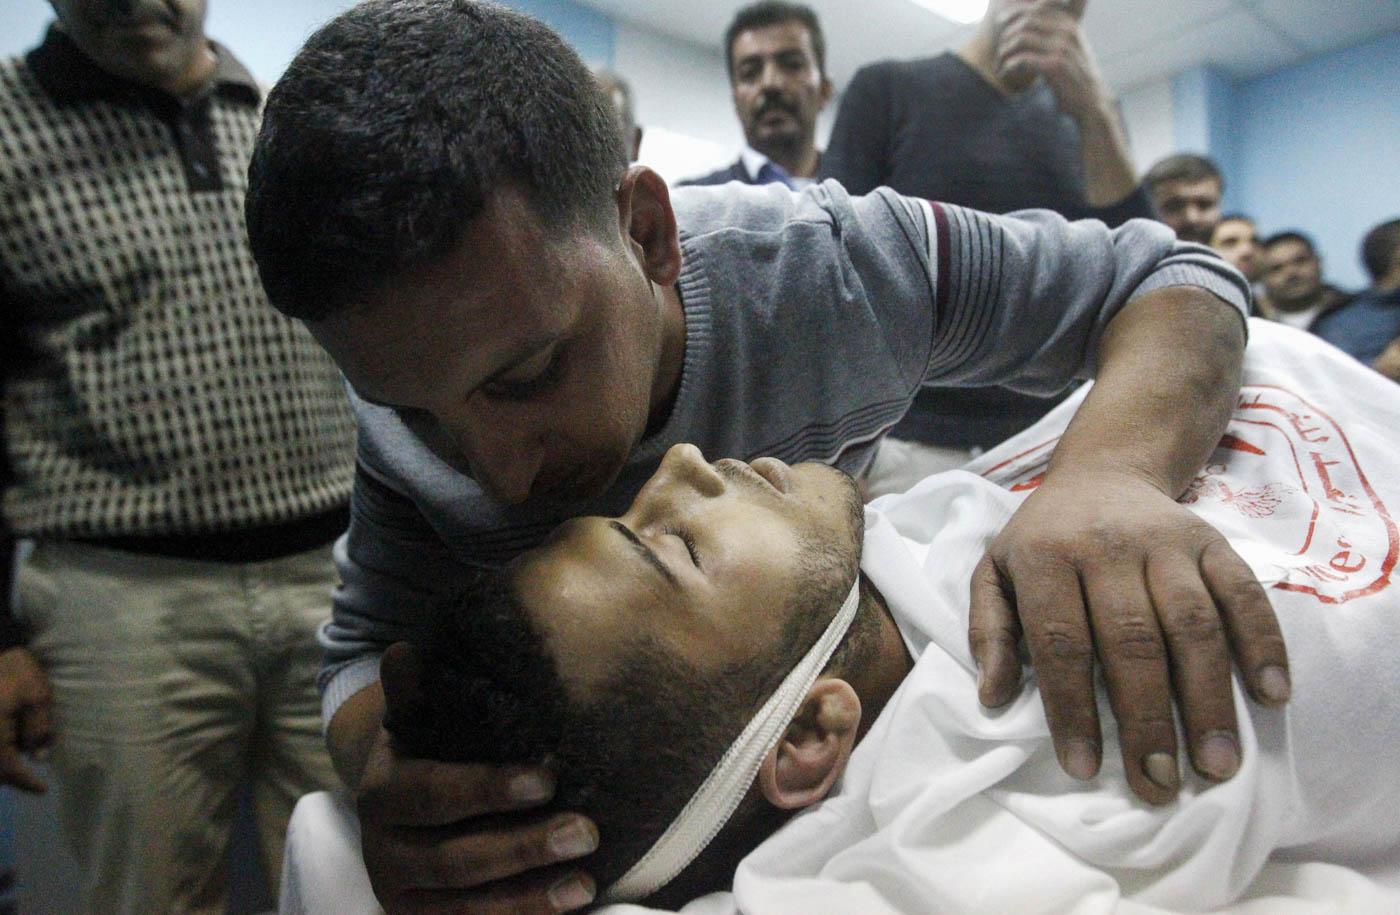 Un pariente besa a Mohammed Jawabreh, un palestino de 21 años, luego de que se lo declarara muerto en el hospital